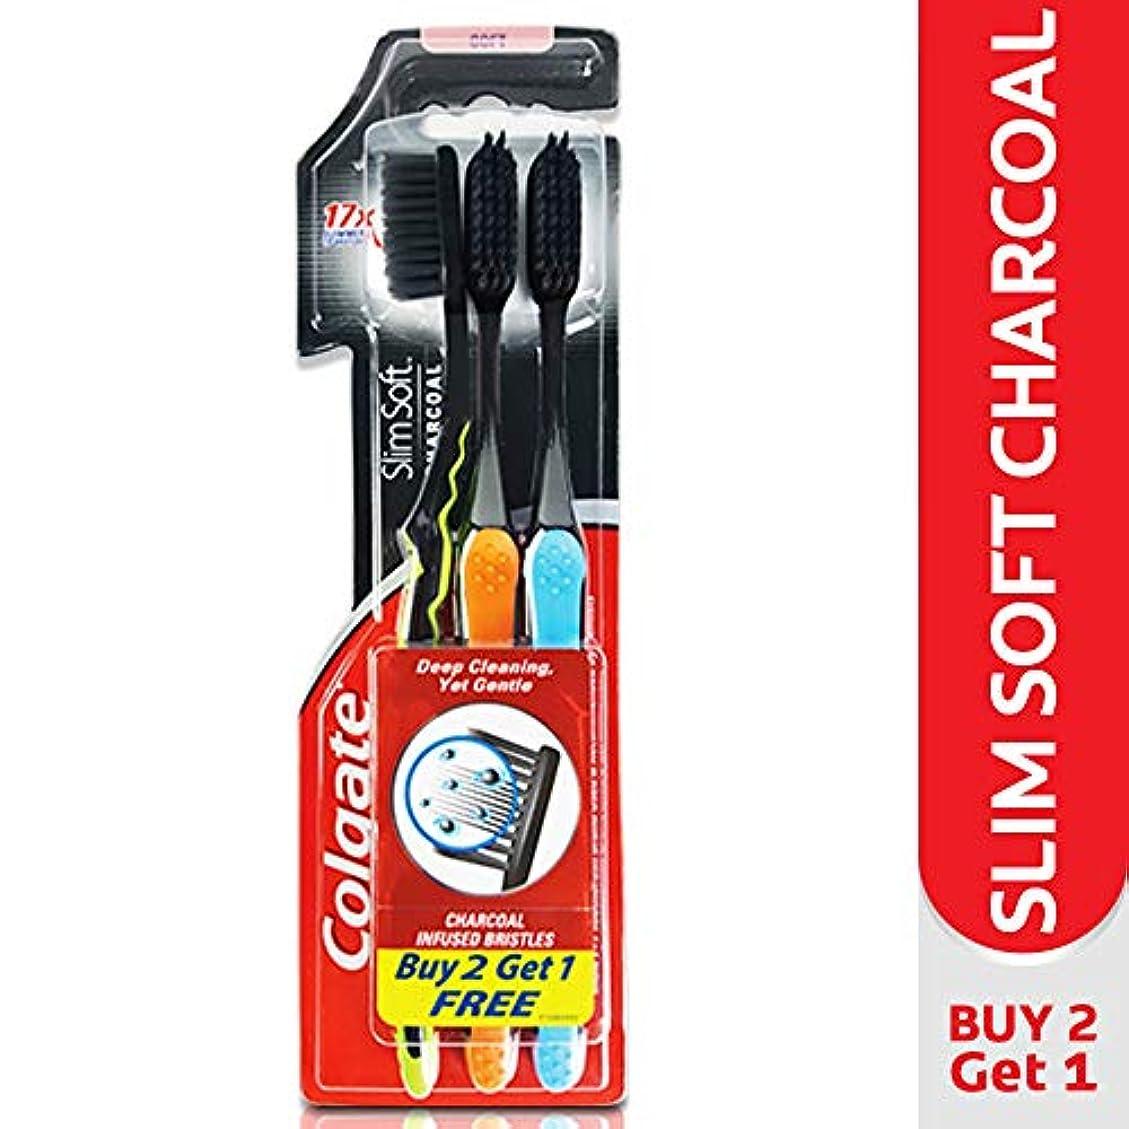 重要性格納直立Colgate Slim Soft Charcoal Toothbrush (Pack of 3) 17x Slimmer Soft Tip Bristles (Ship From India)